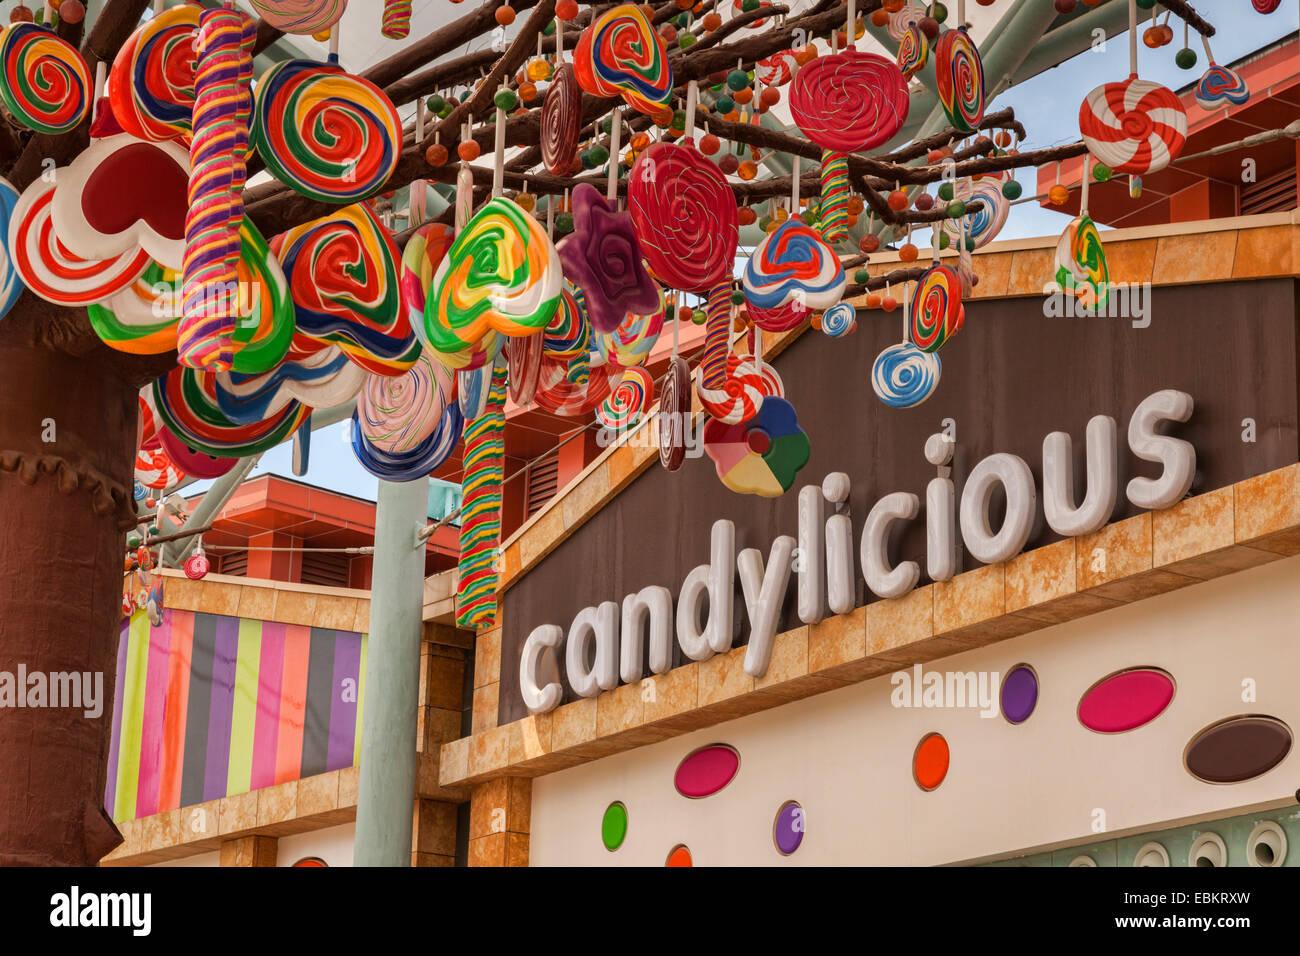 Candylicious logo and shop on Sentosa Island, Singapore Stock Photo